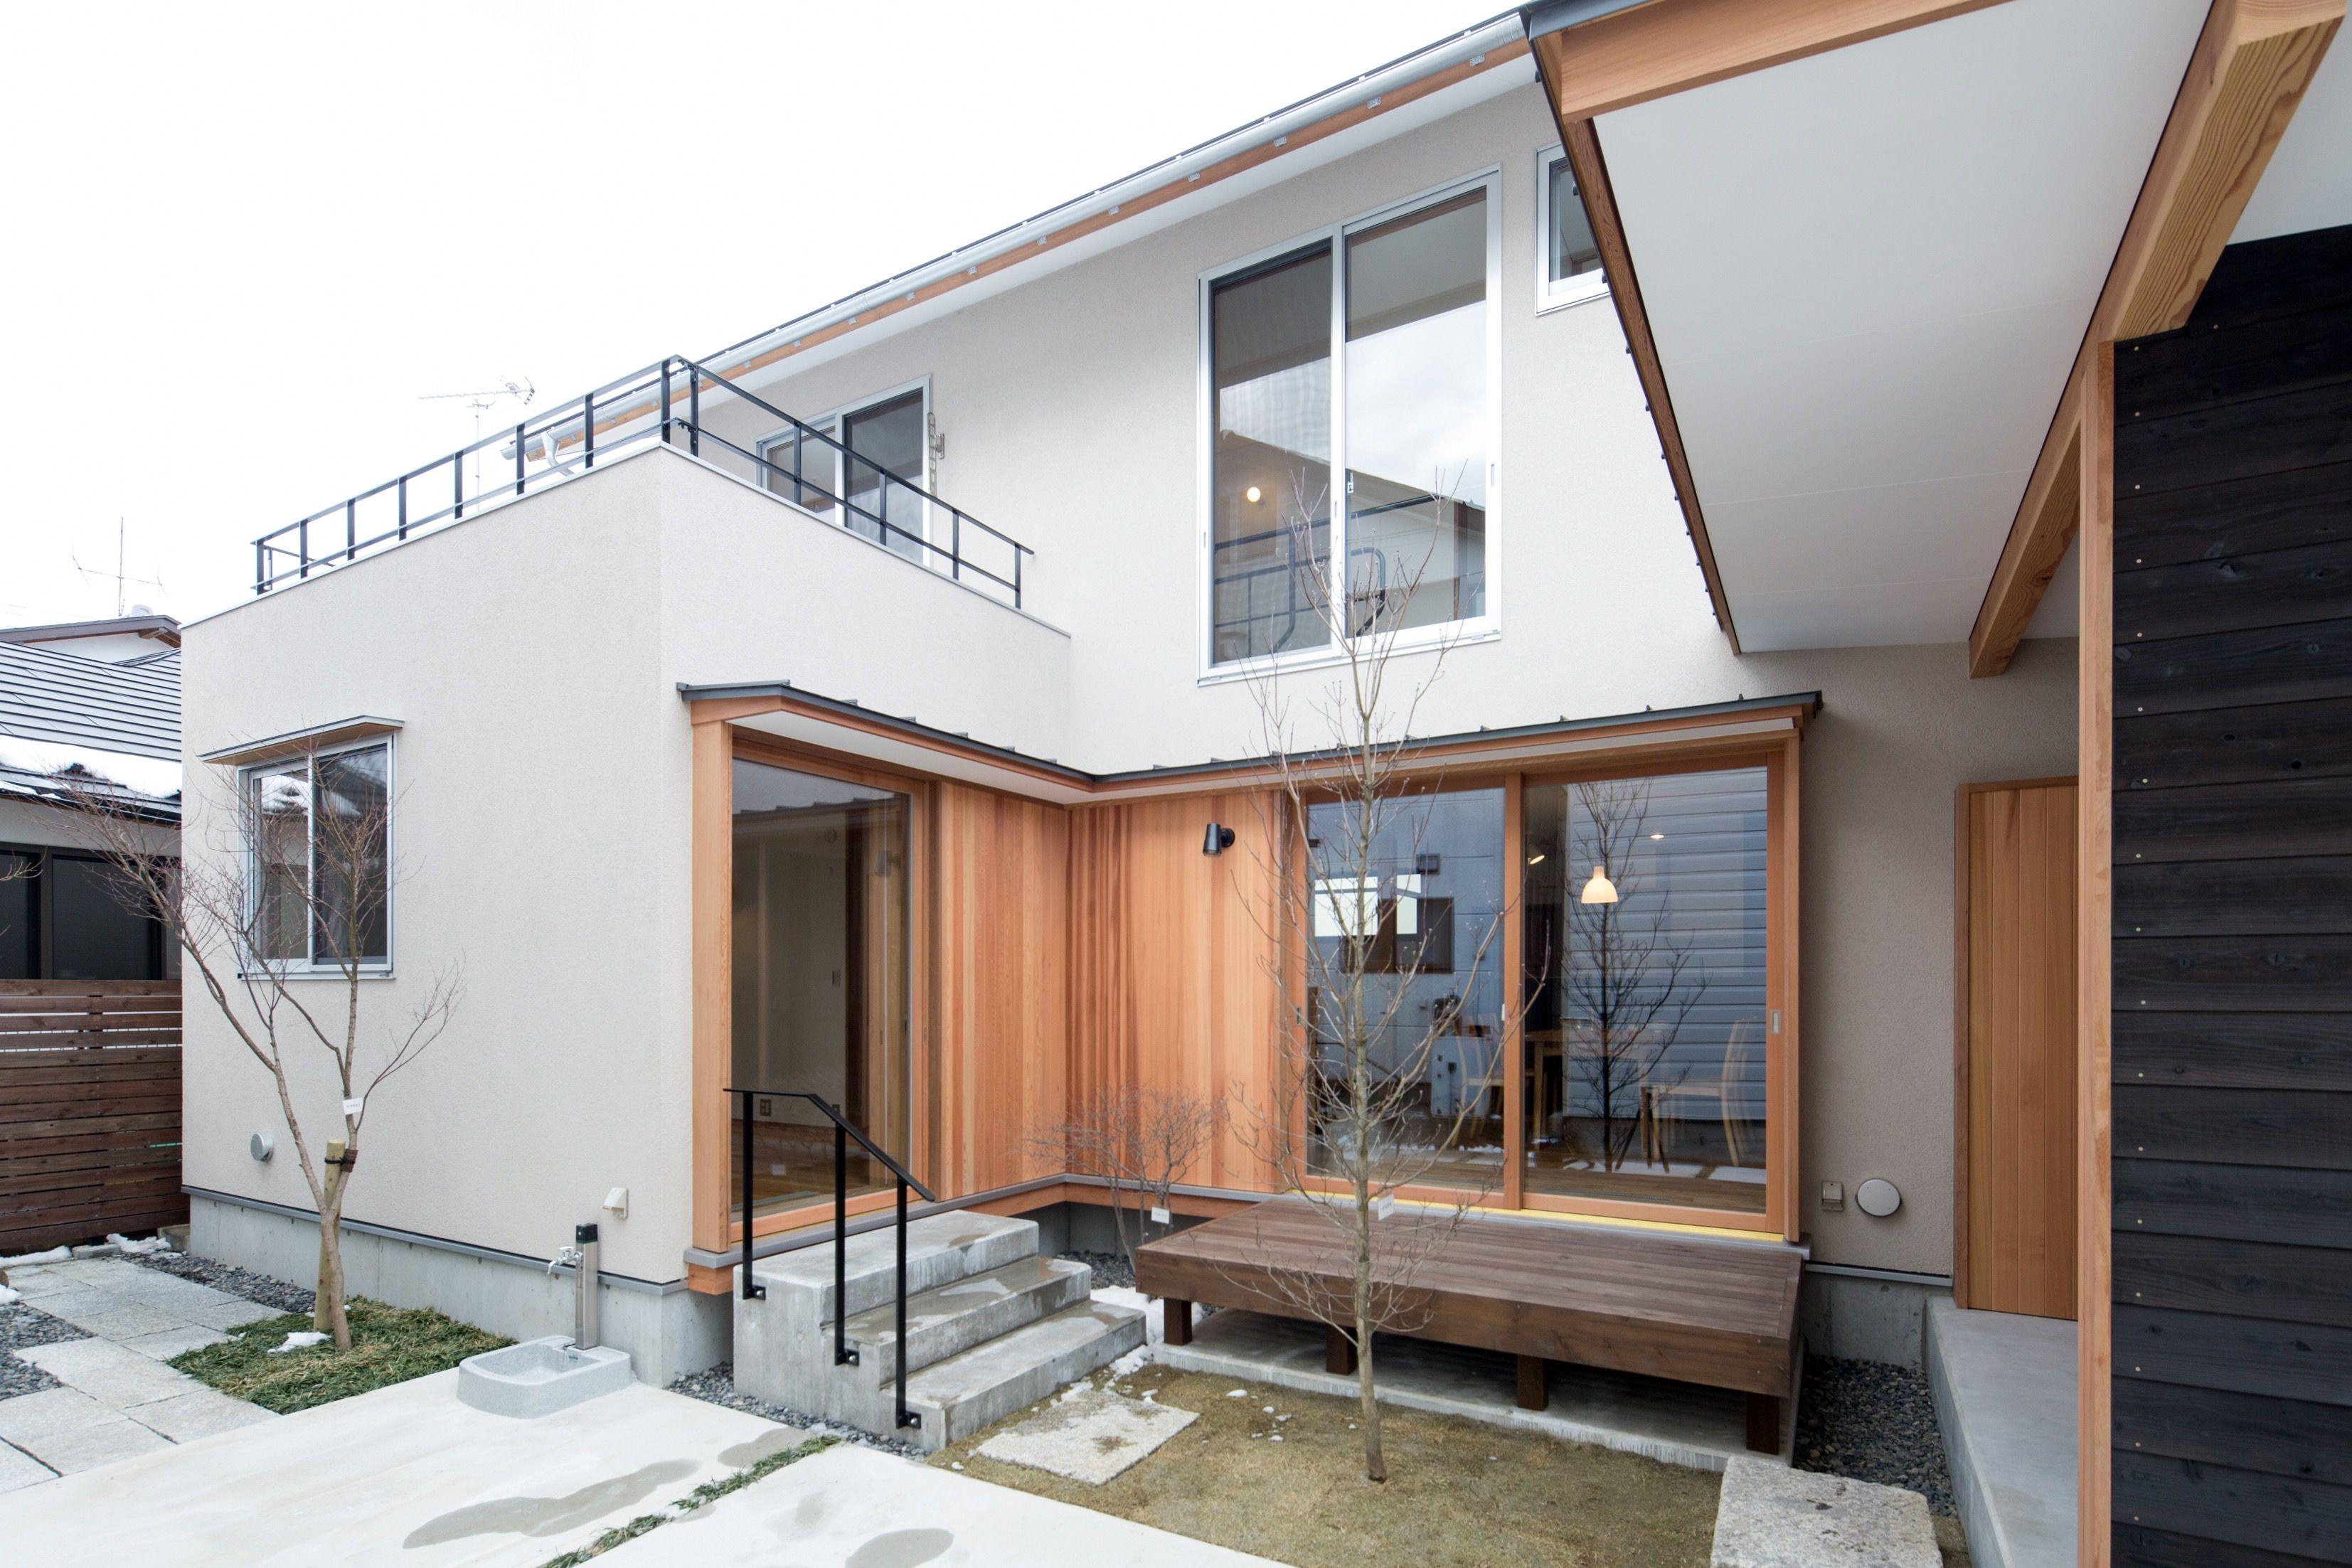 この写真 コの字型の中庭空間 昼景 はfeve Casa の参加建築家 清